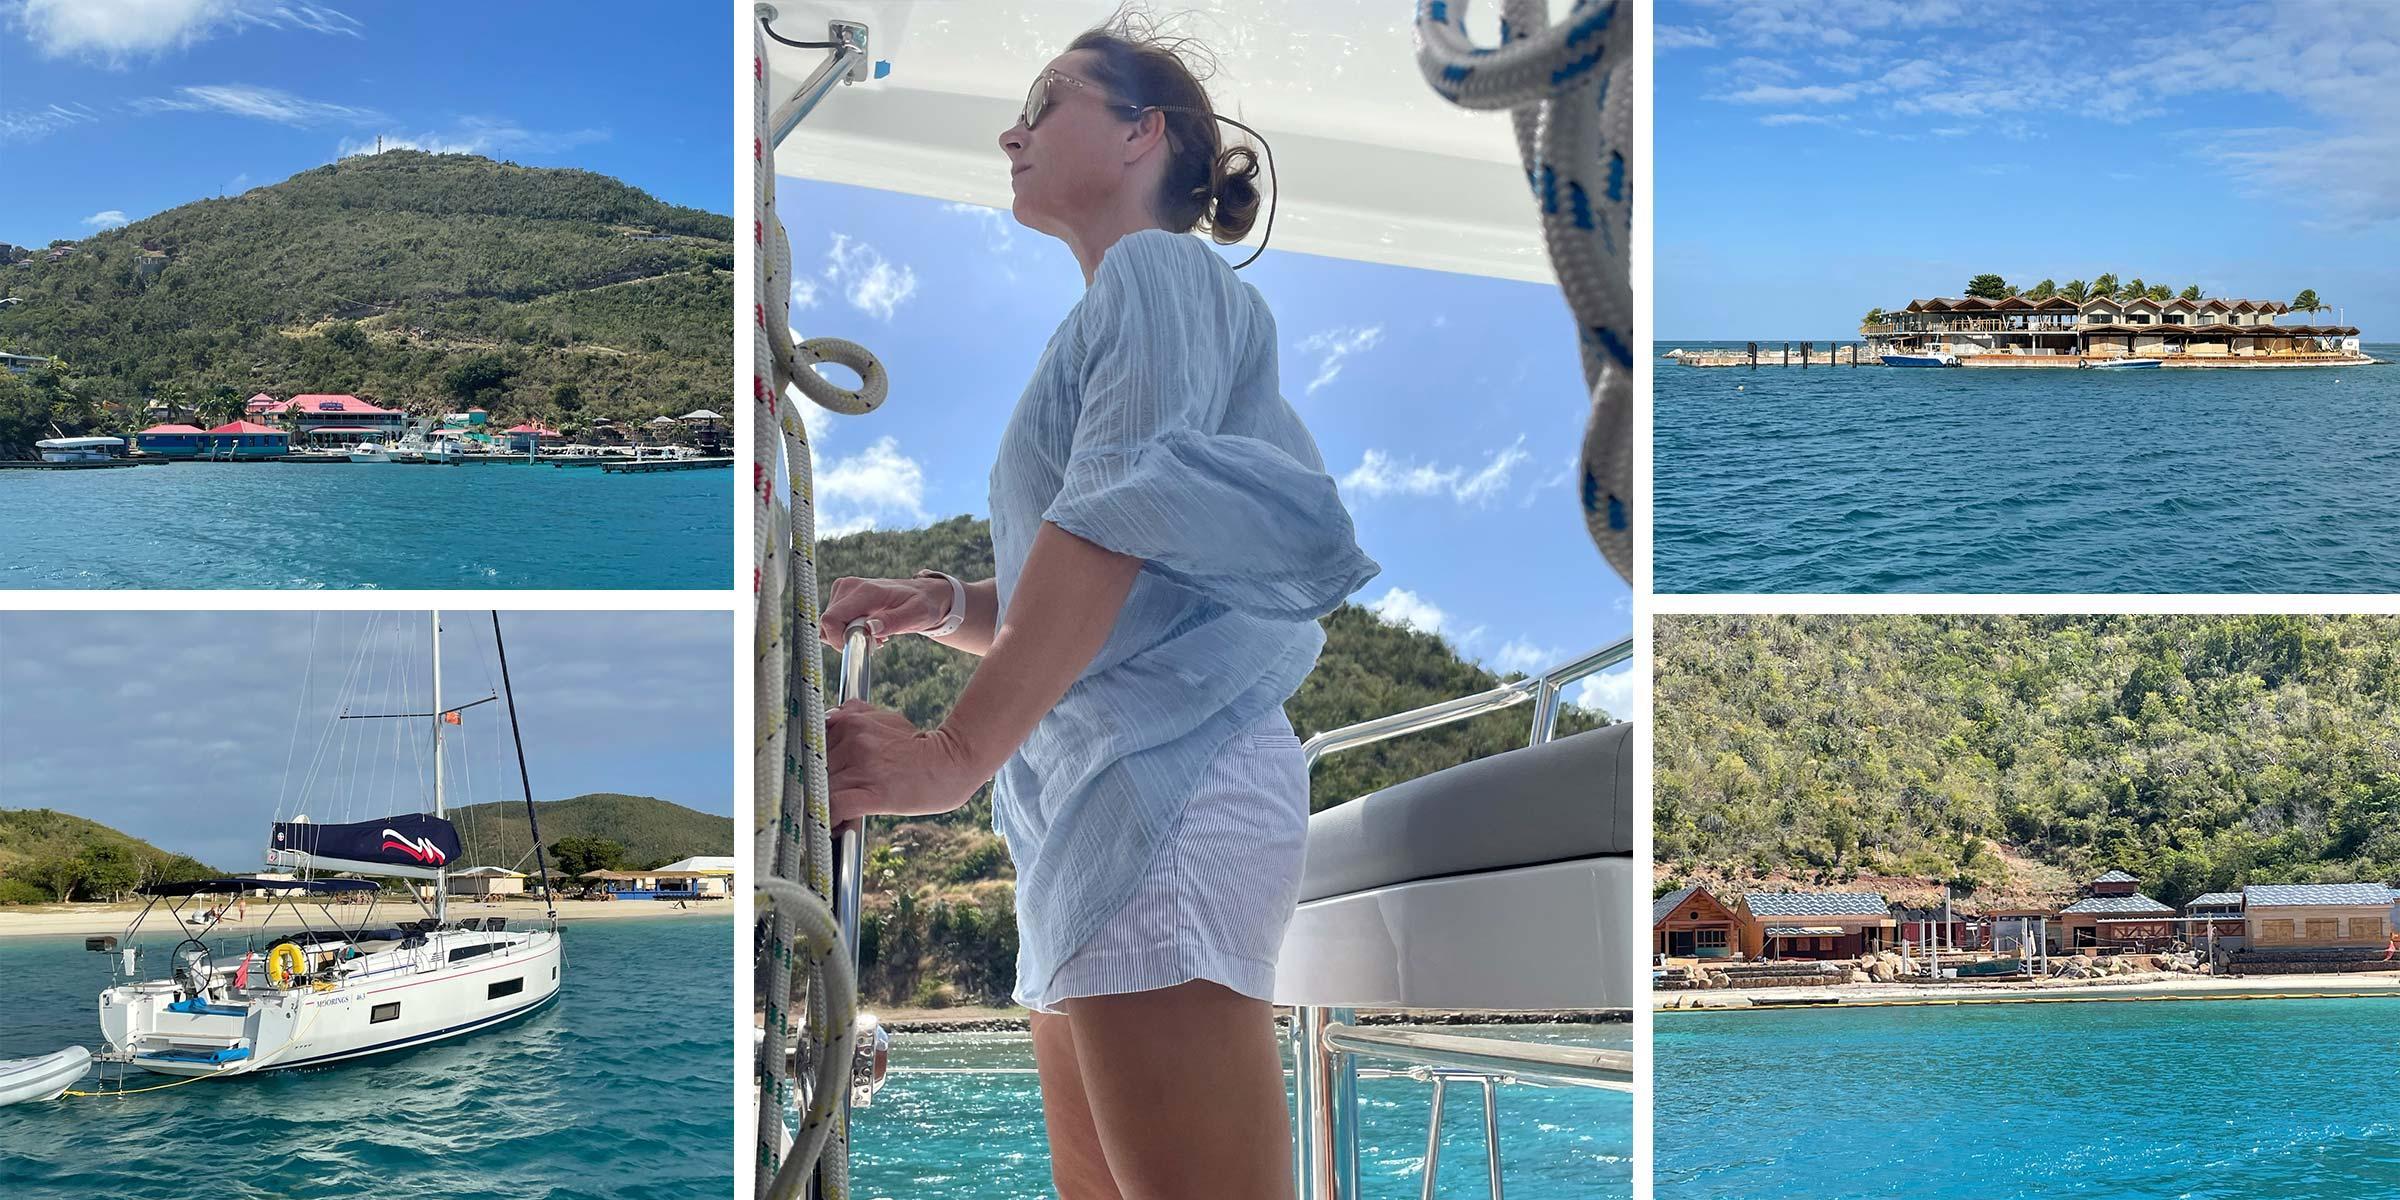 Josie sailing North Sound, Leverick Bay, Saba Rock, Bitter End Yacht Club